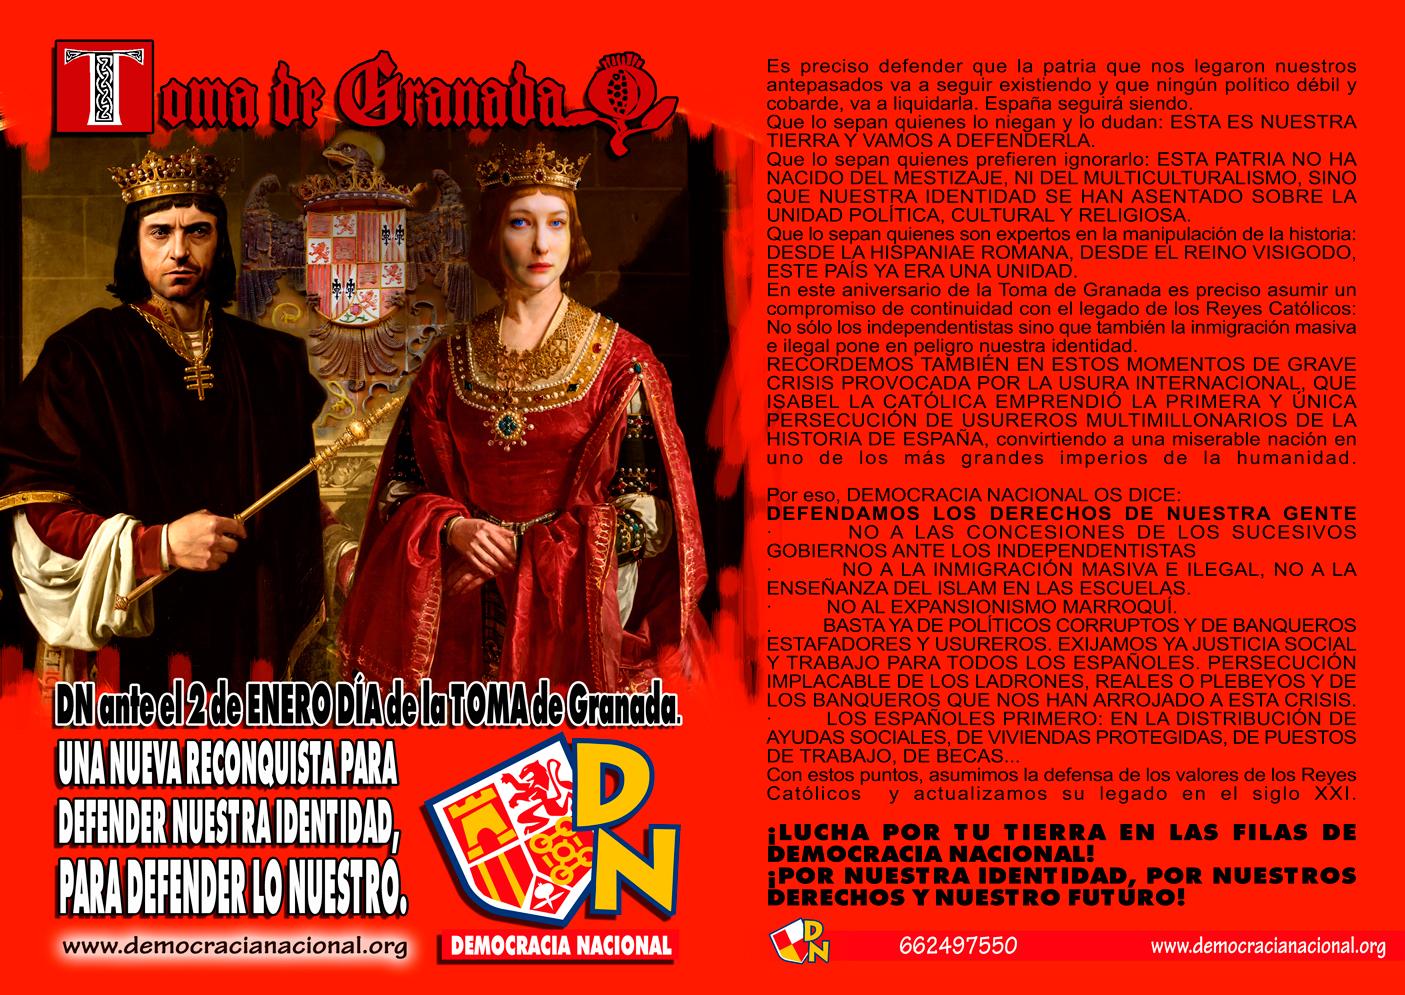 toma-GRANADA2013-copiar